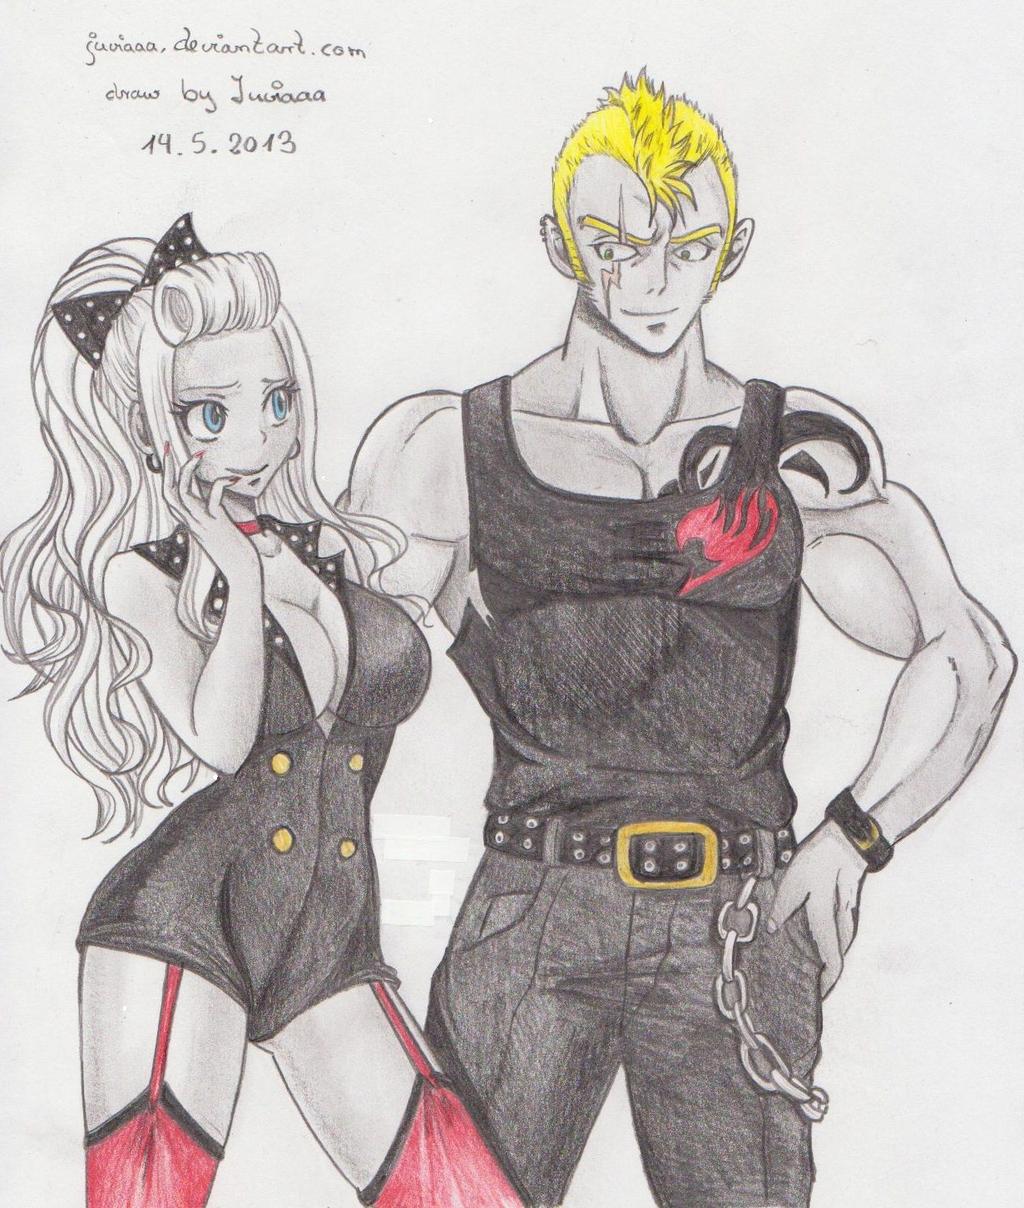 Laxus and Mira by mashara125 on DeviantArt